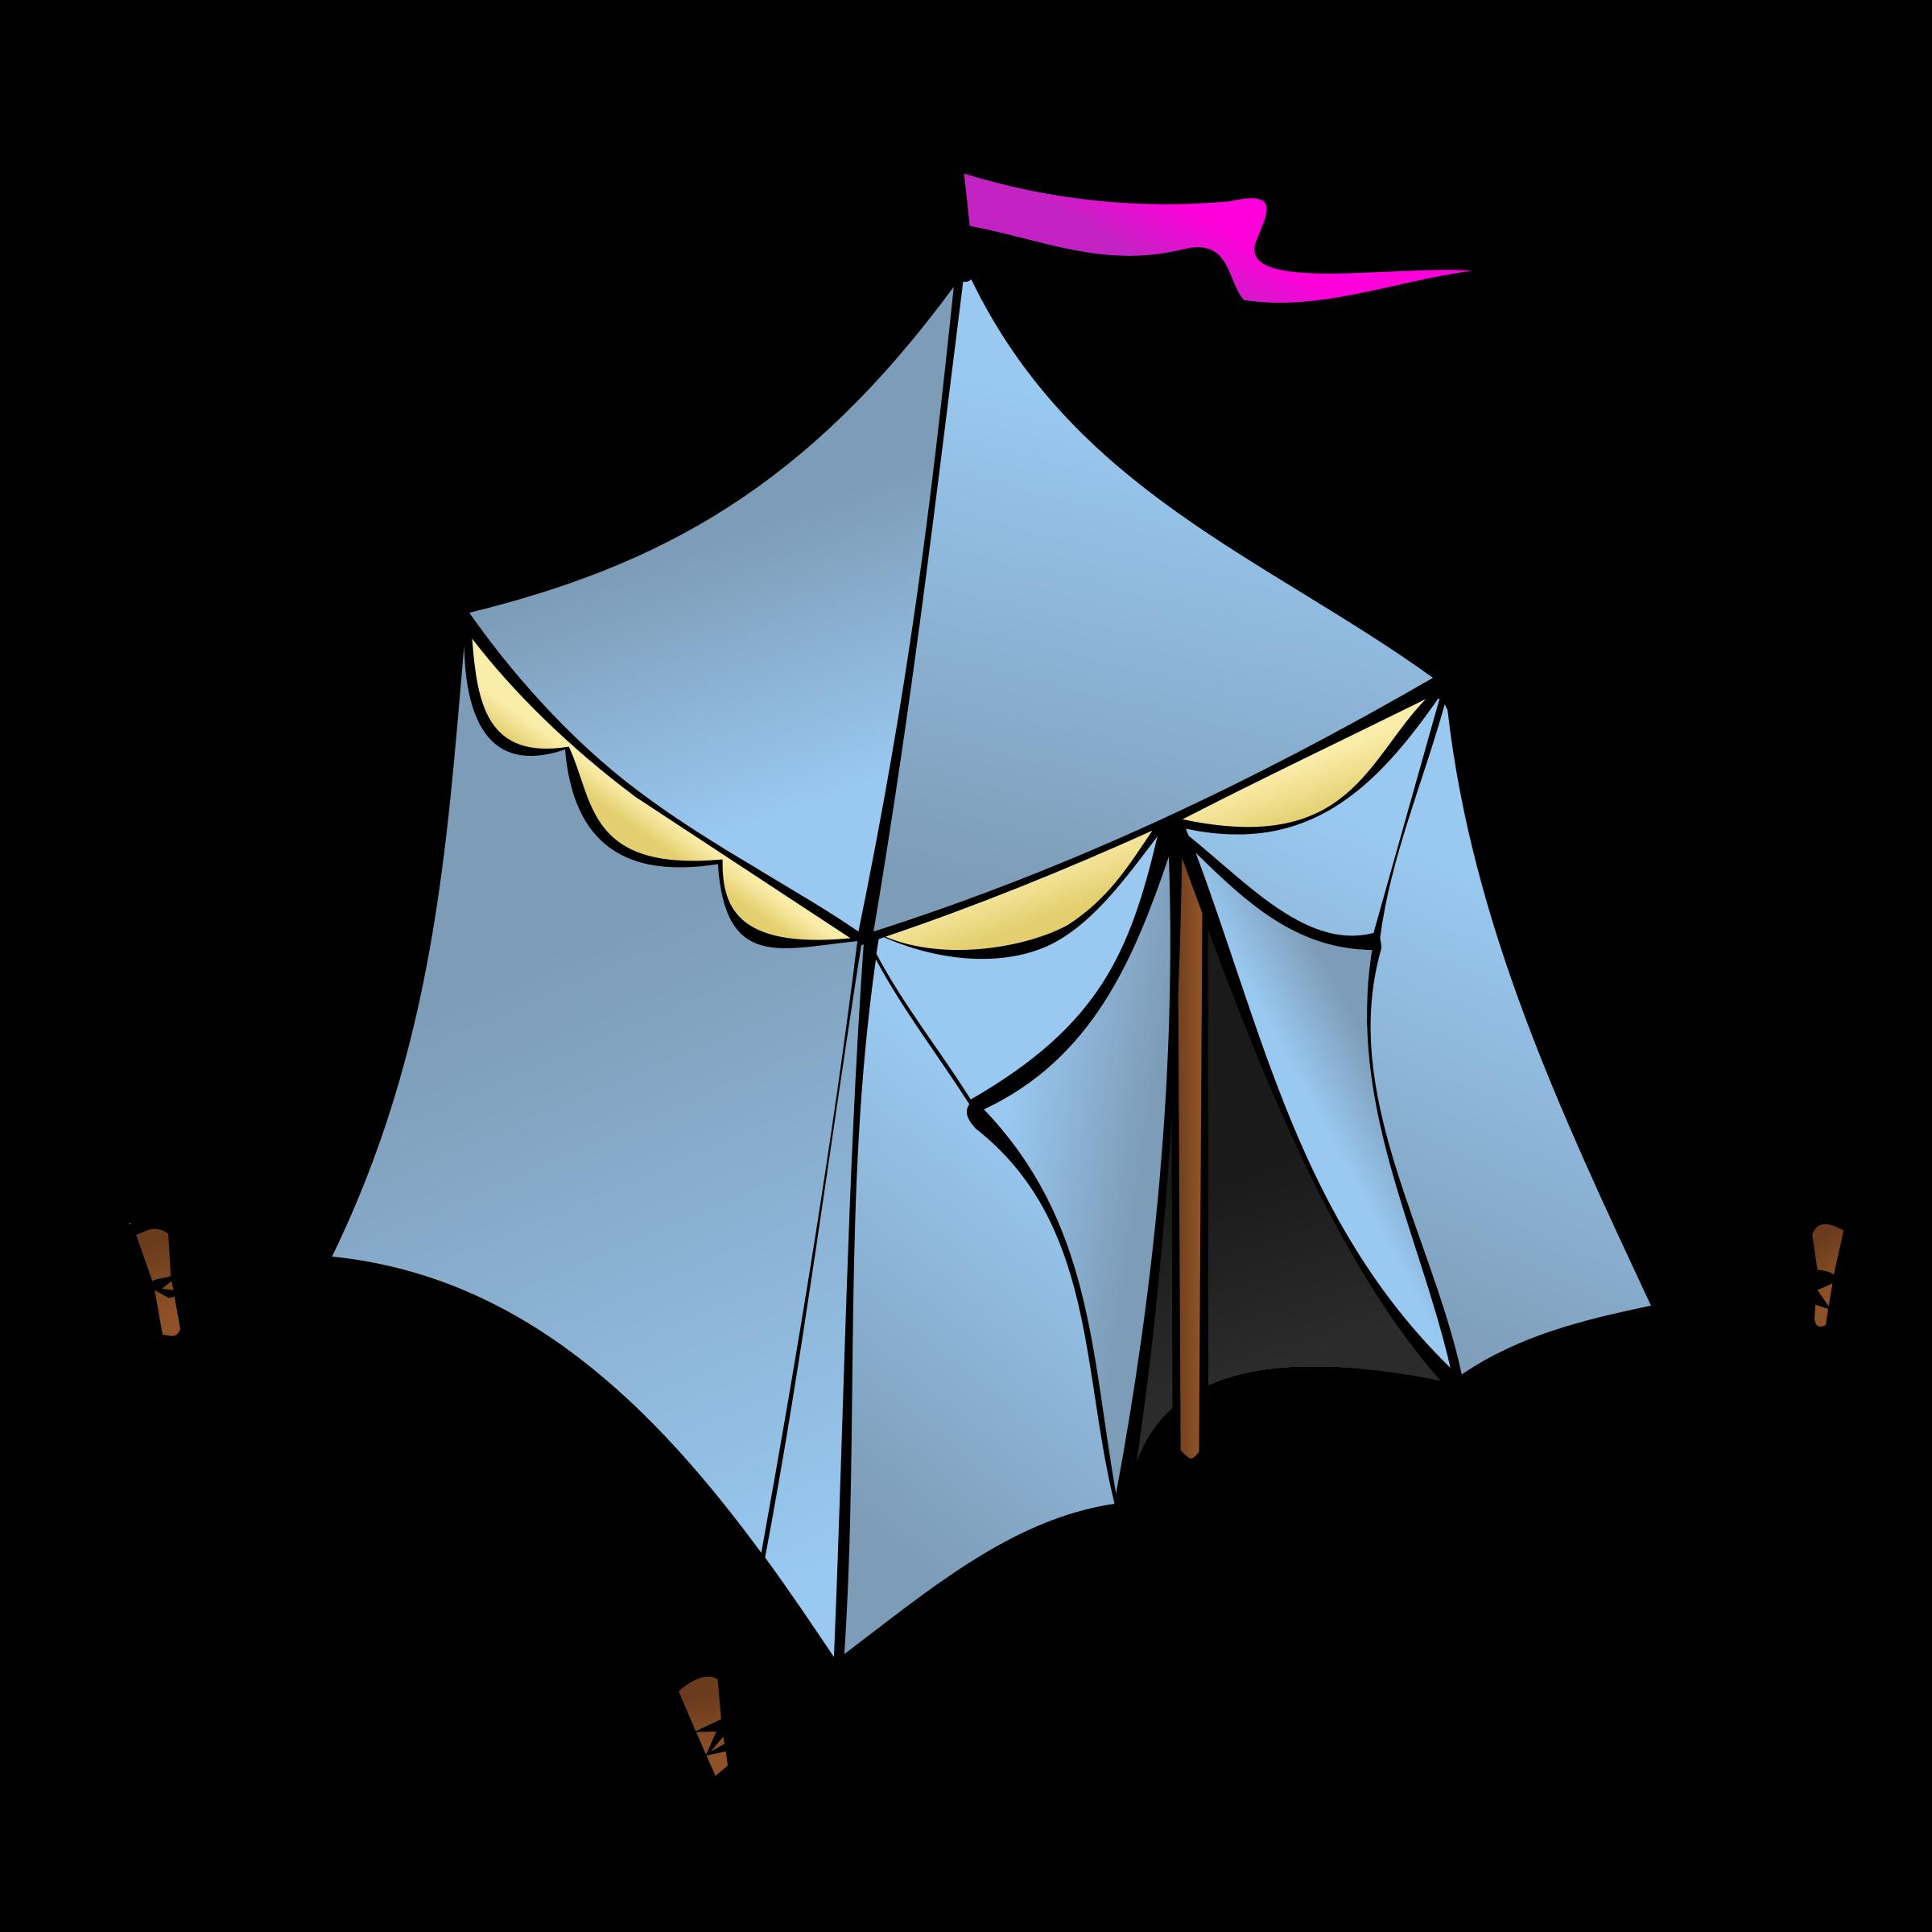 Clipart map camp map. Rpg symbols tent big